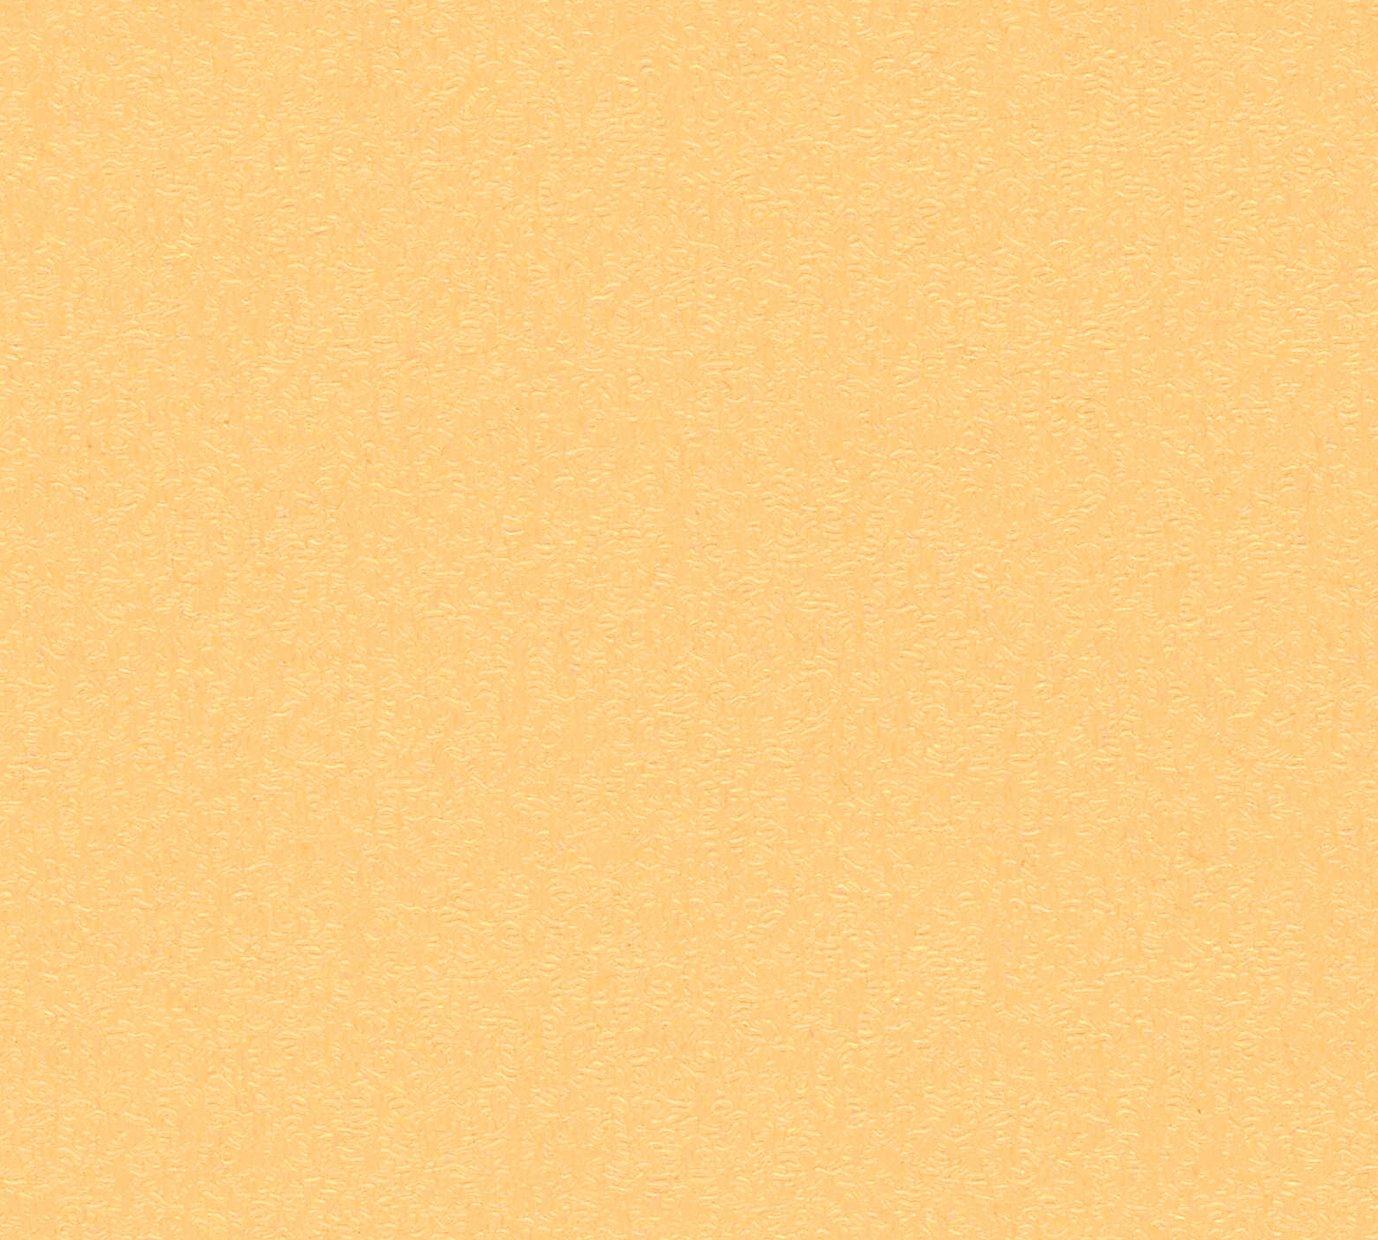 紙見本|スター印小間紙